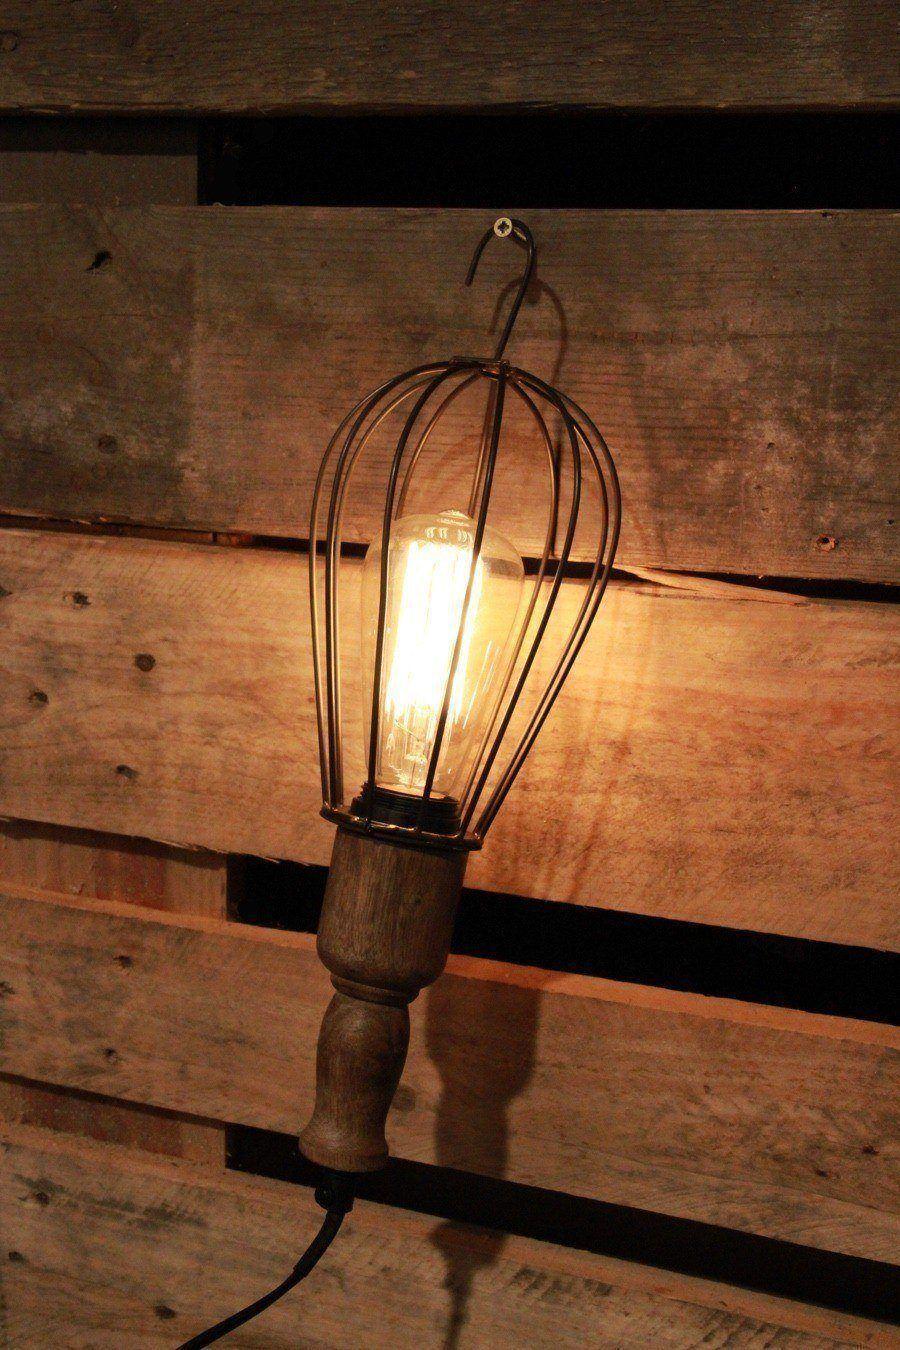 Lampe baladeuse de style industriel for Lampe sur pied style industriel